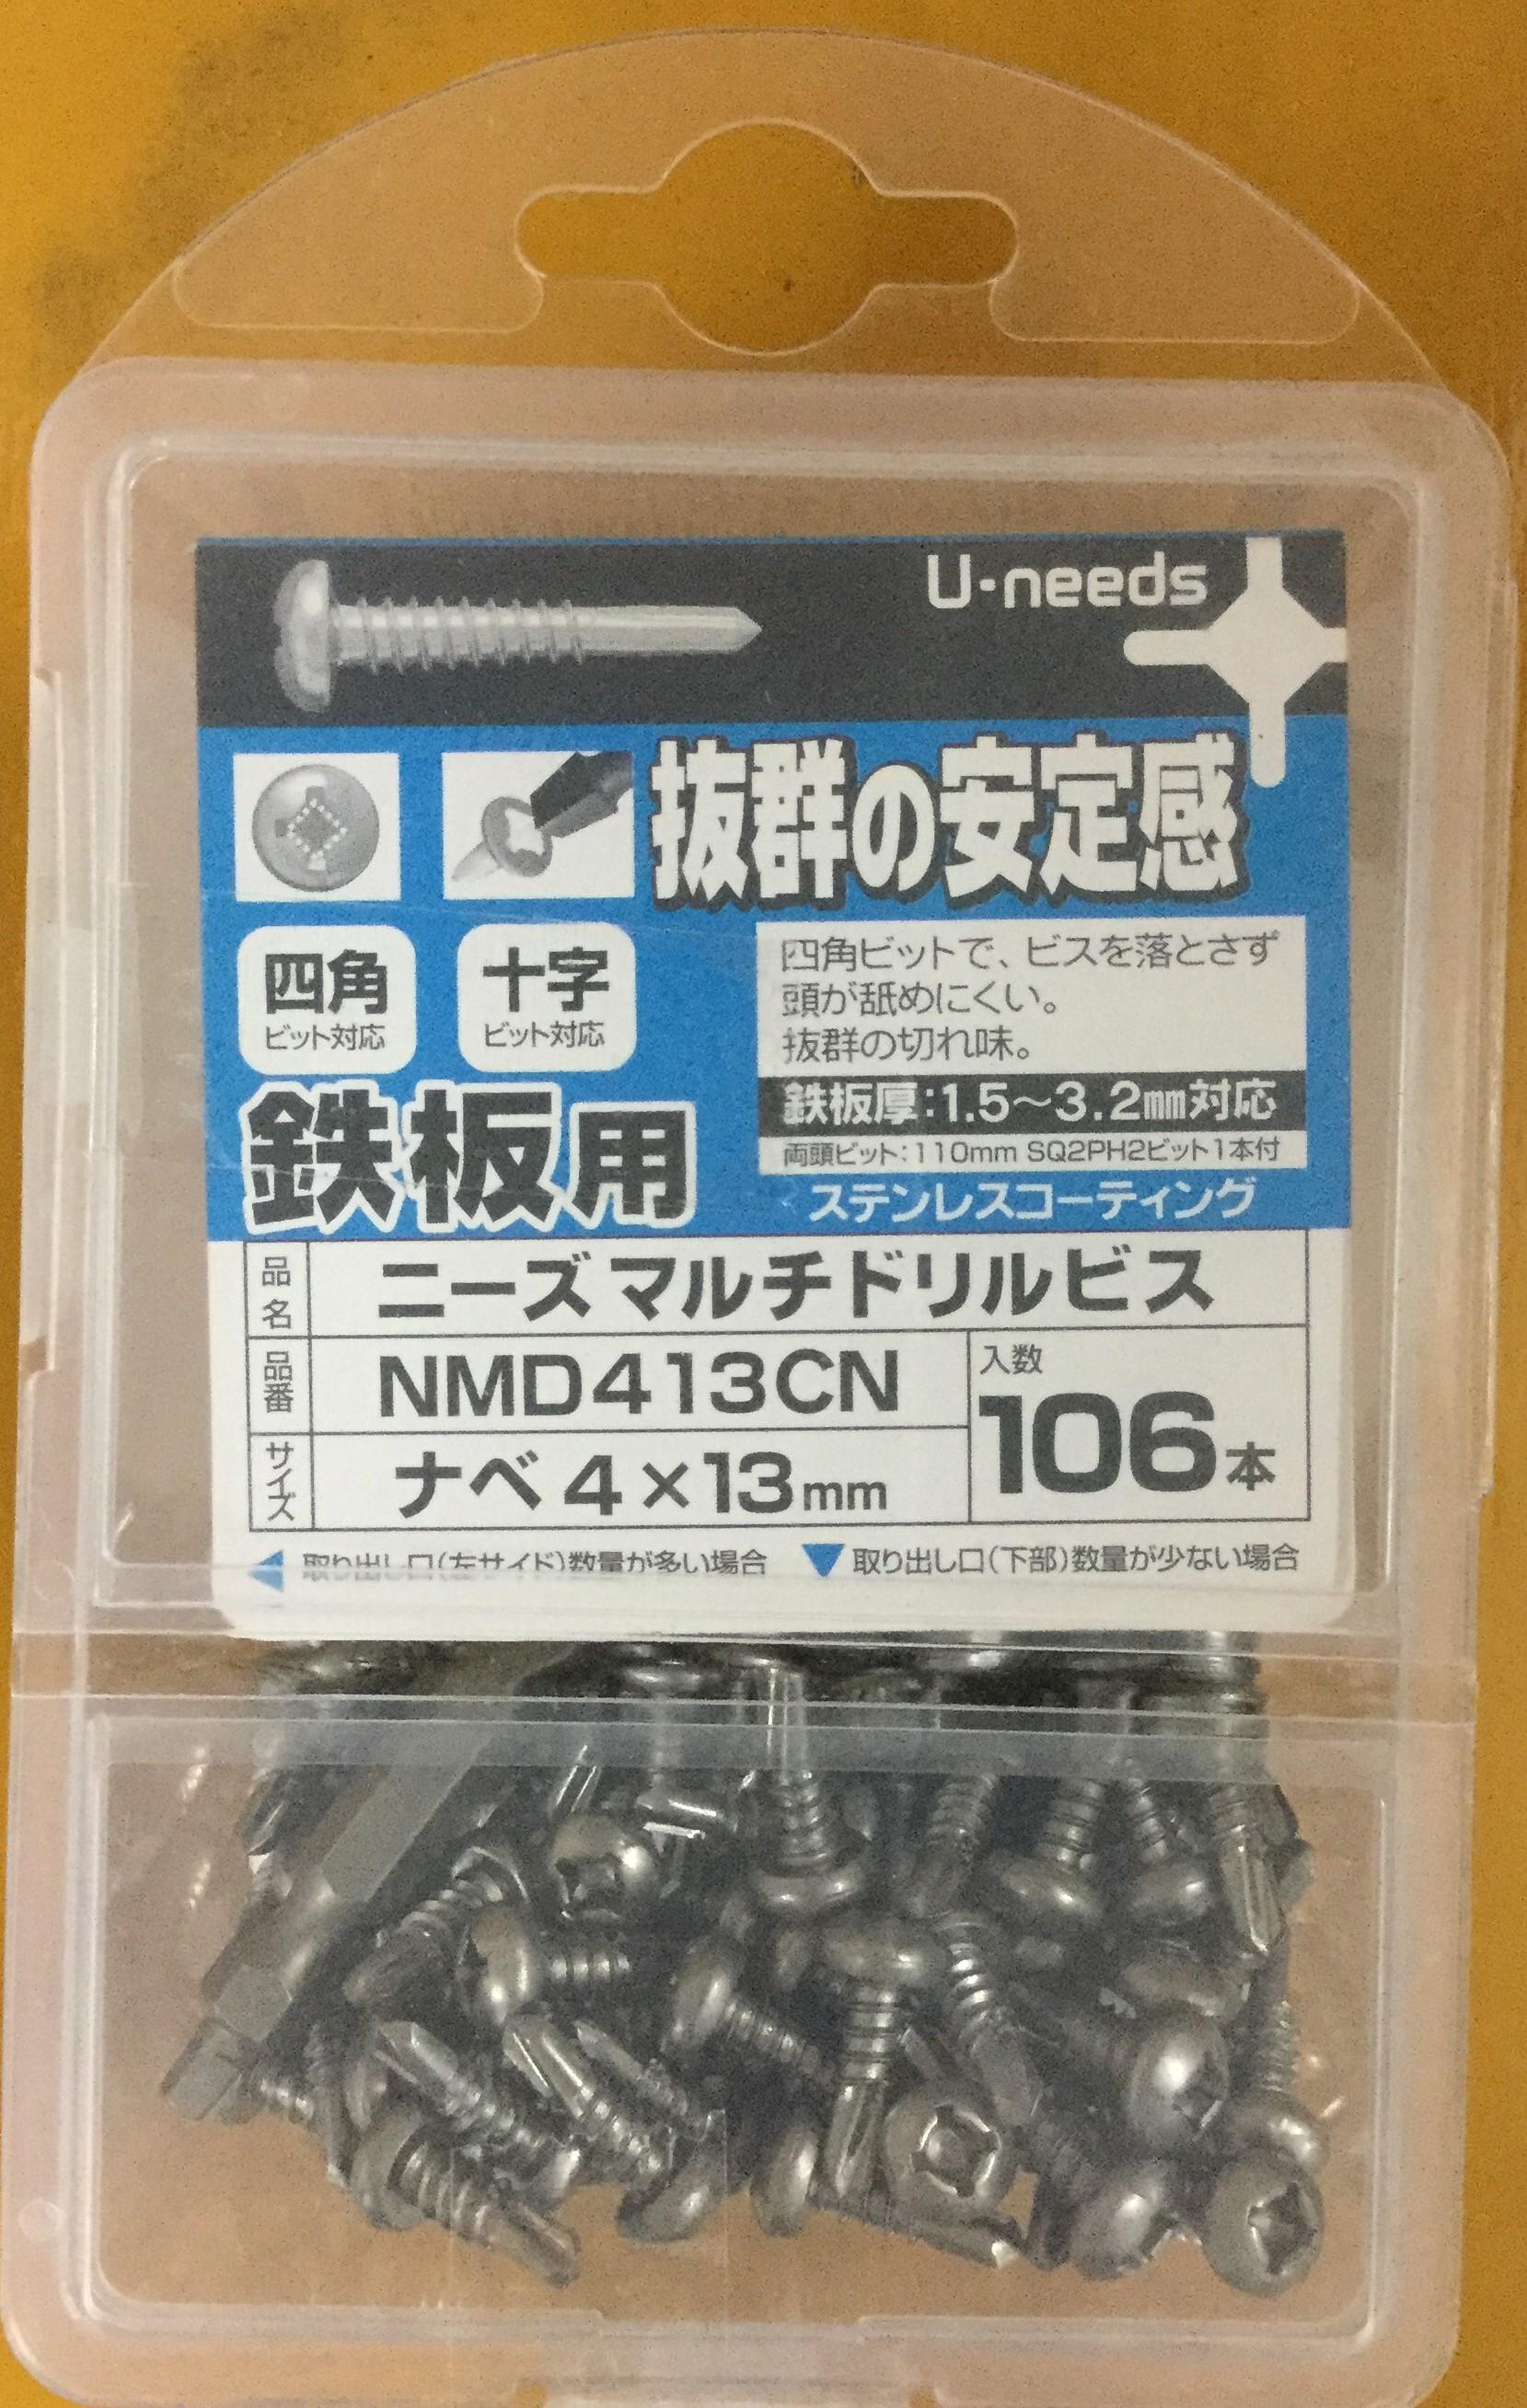 返品交換不可 新商品!新型 1.6mm~3.2mmまでの鉄板に 下穴なしで打ち込めるマルチドリルビス マルチドリルビスNMD413CN プロ用 ニーズ2020 鉄板ビス ユ 高級